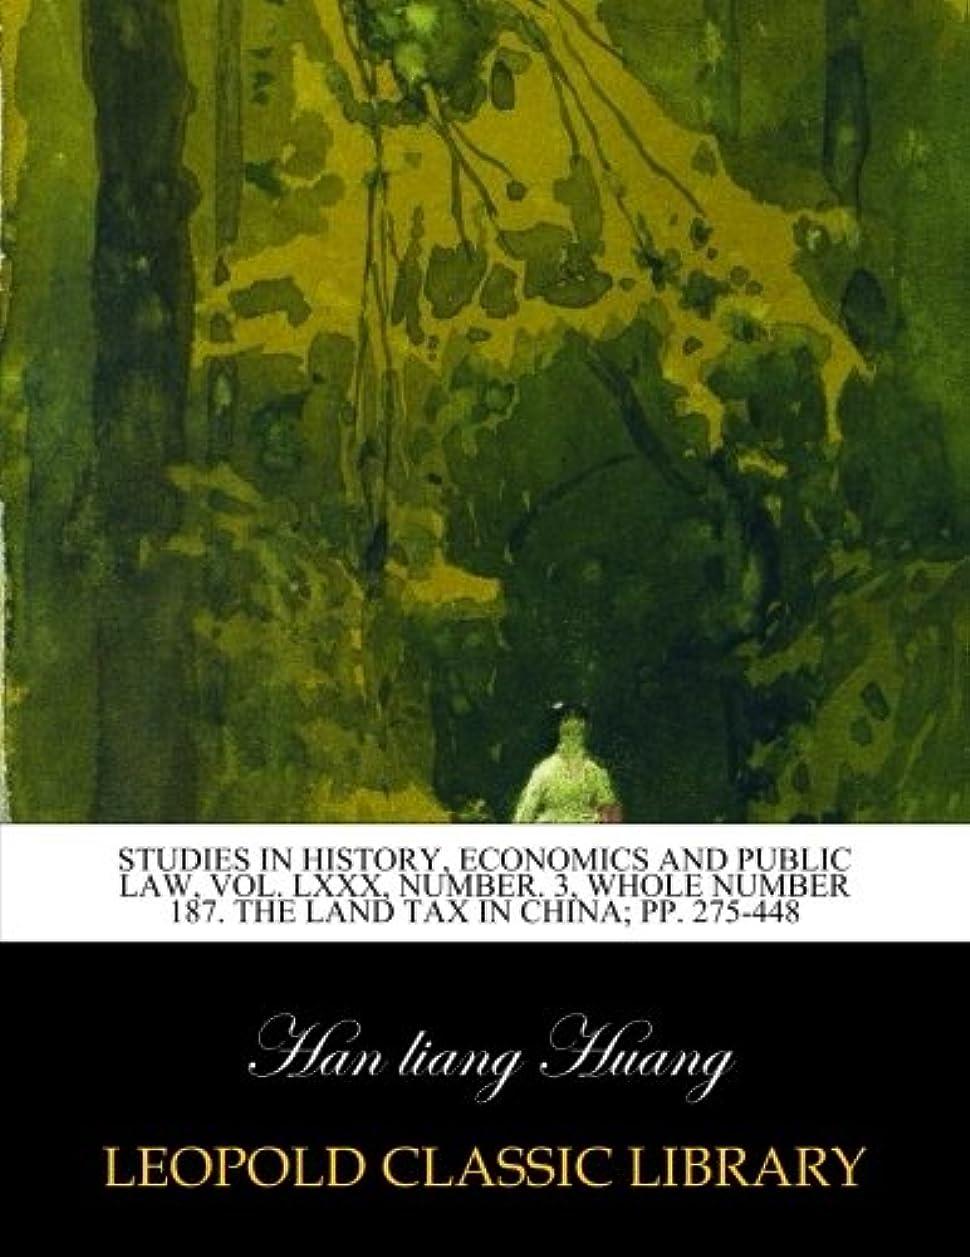 ロビー柔和学校教育Studies in history, economics and public law, Vol. LXXX, Number. 3, Whole Number 187. The land tax in China; pp. 275-448